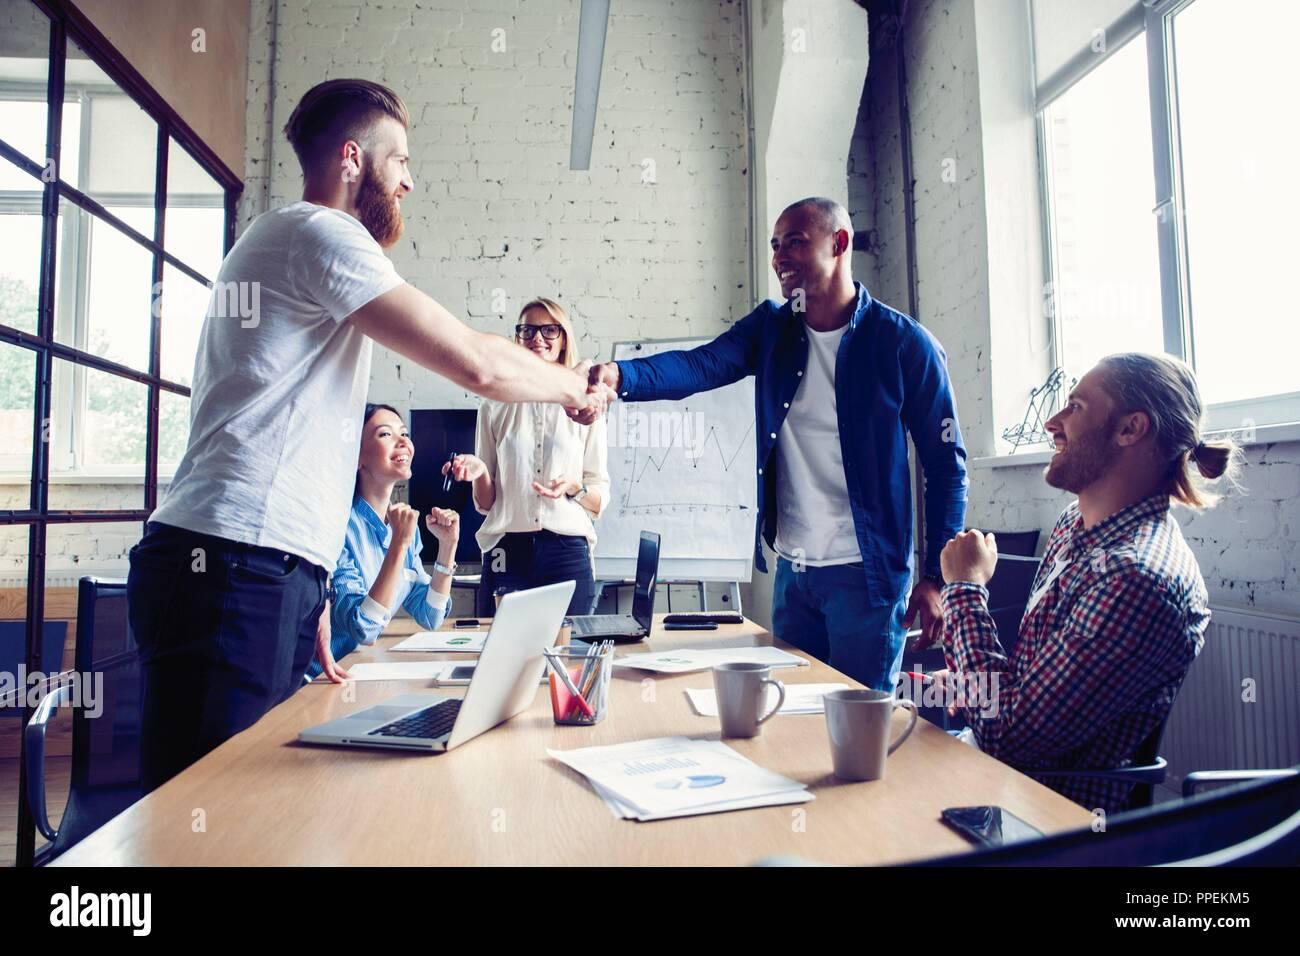 Nuevos socios comerciales. Jóvenes colegas moderno en smart ropa casual se estrechan las manos y sonriendo mientras está sentado en la oficina creativa. Foto de stock